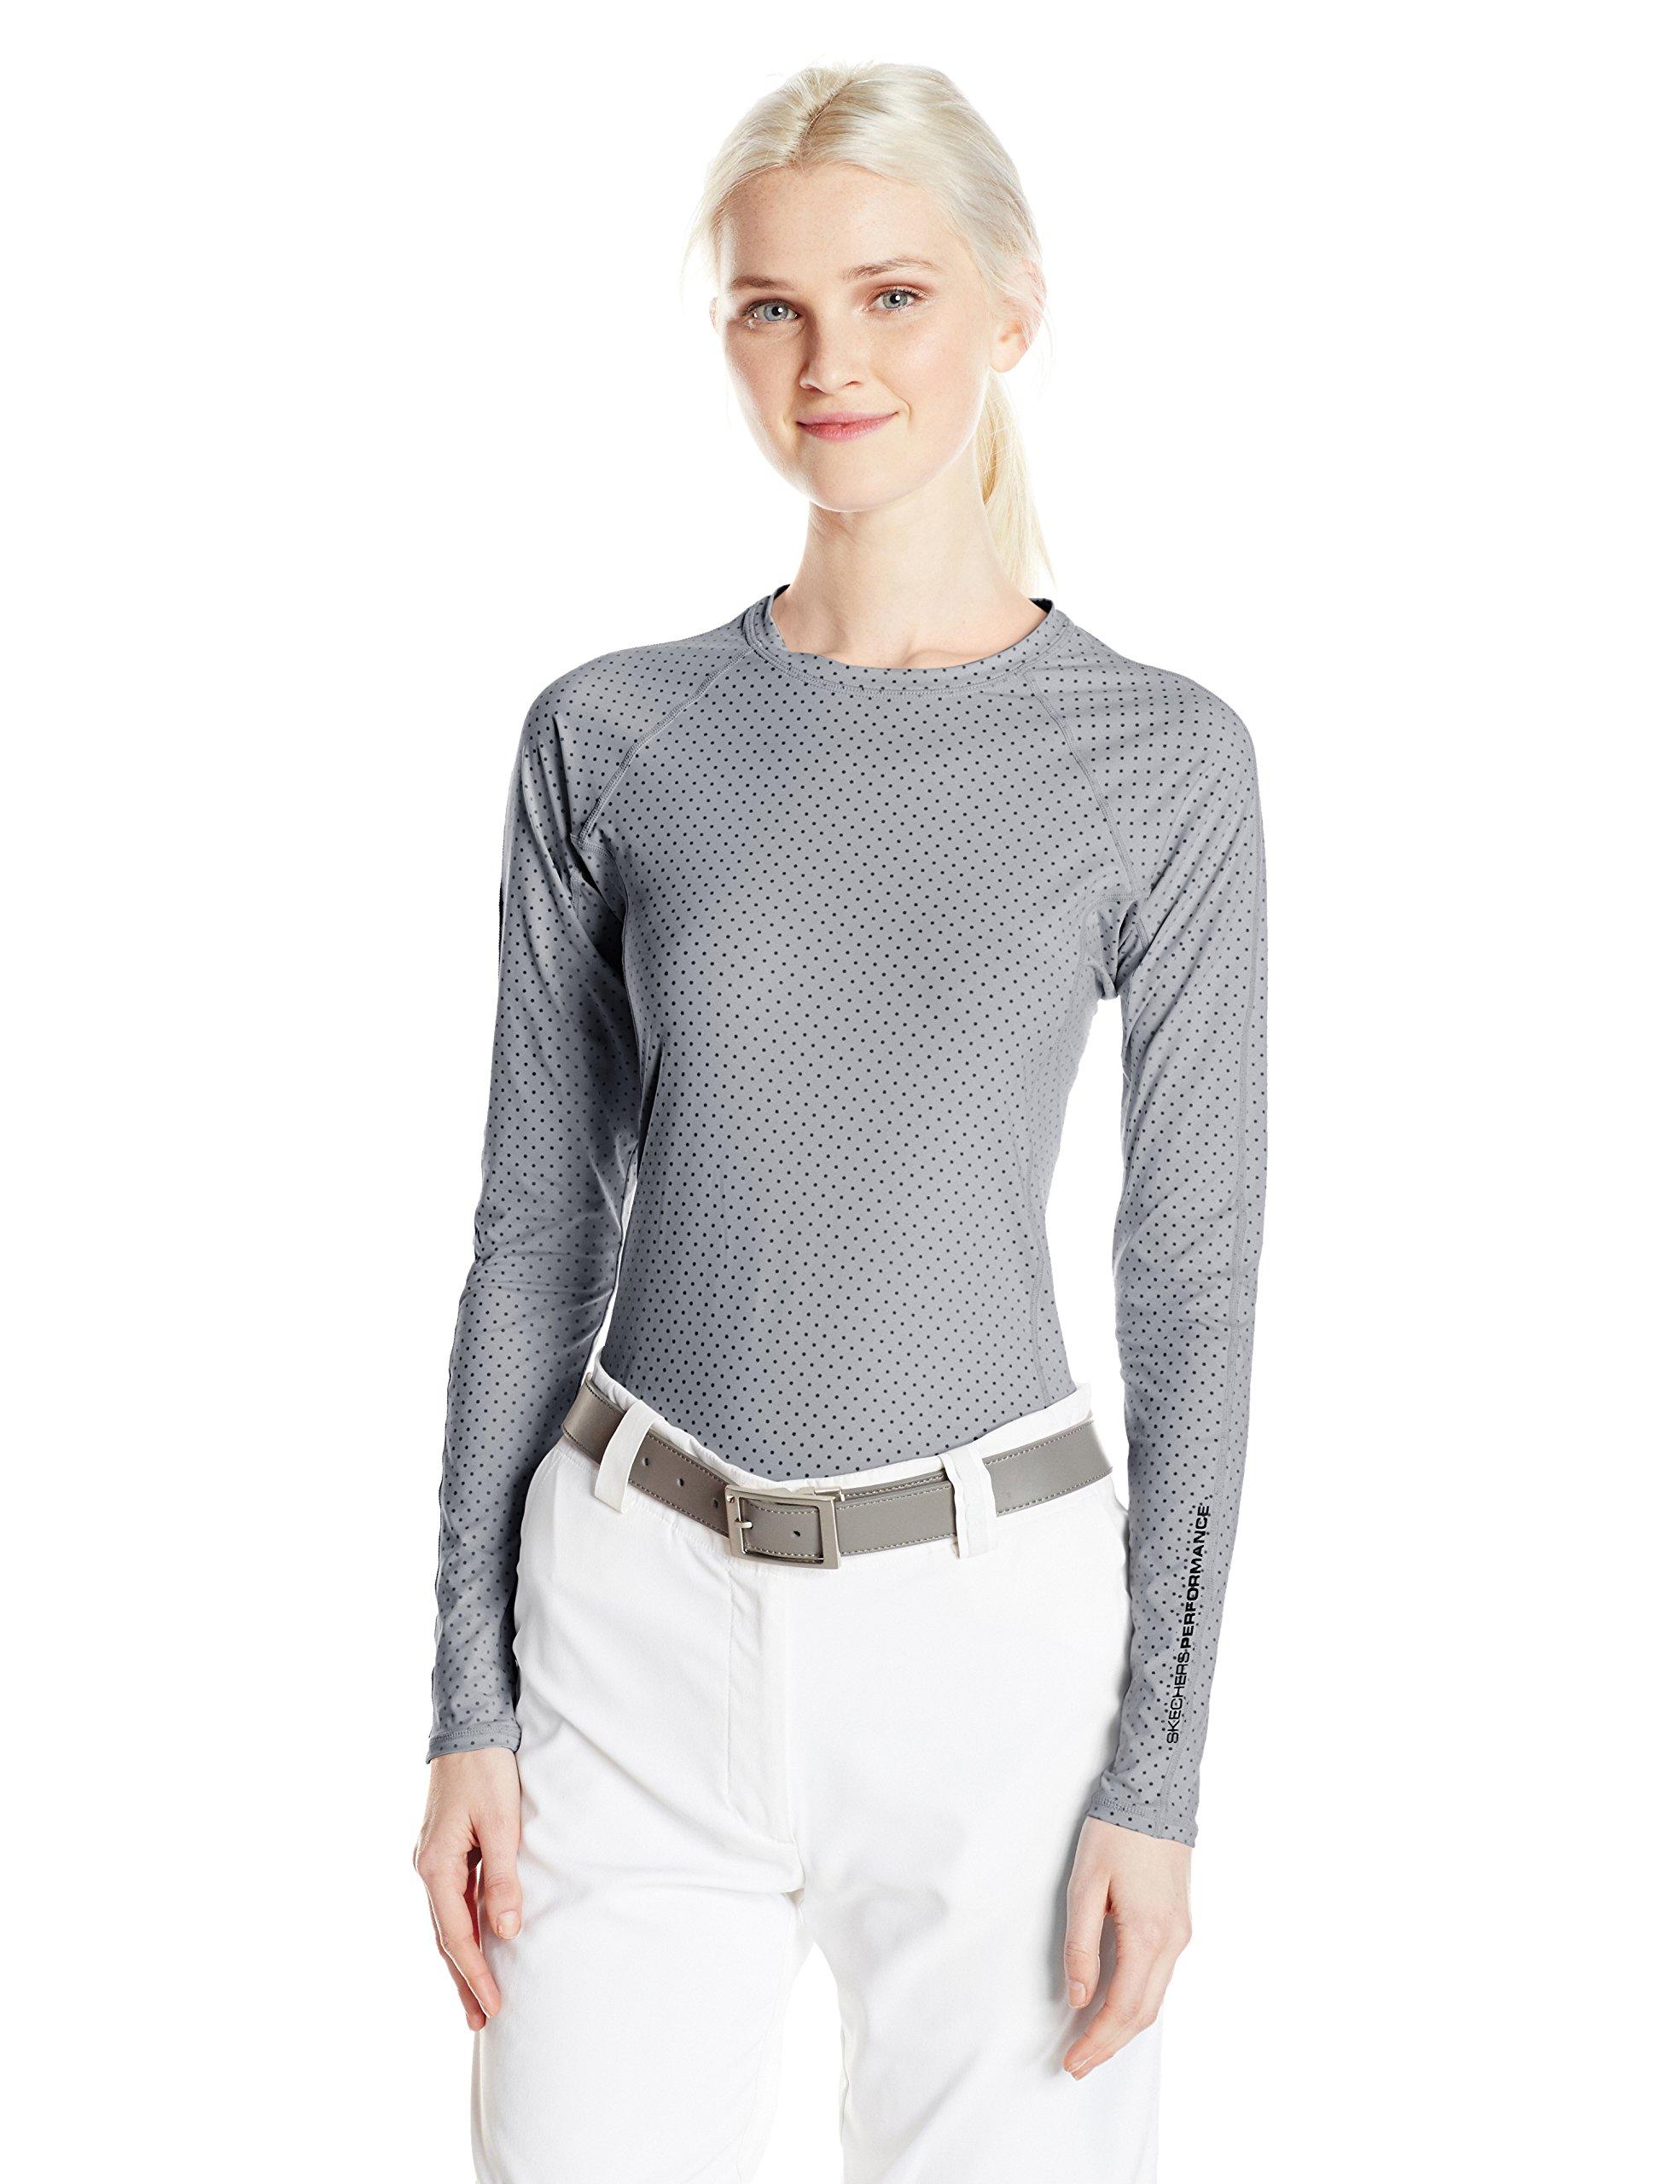 Skechers Women's Go Golf Layer Top, Gray, L